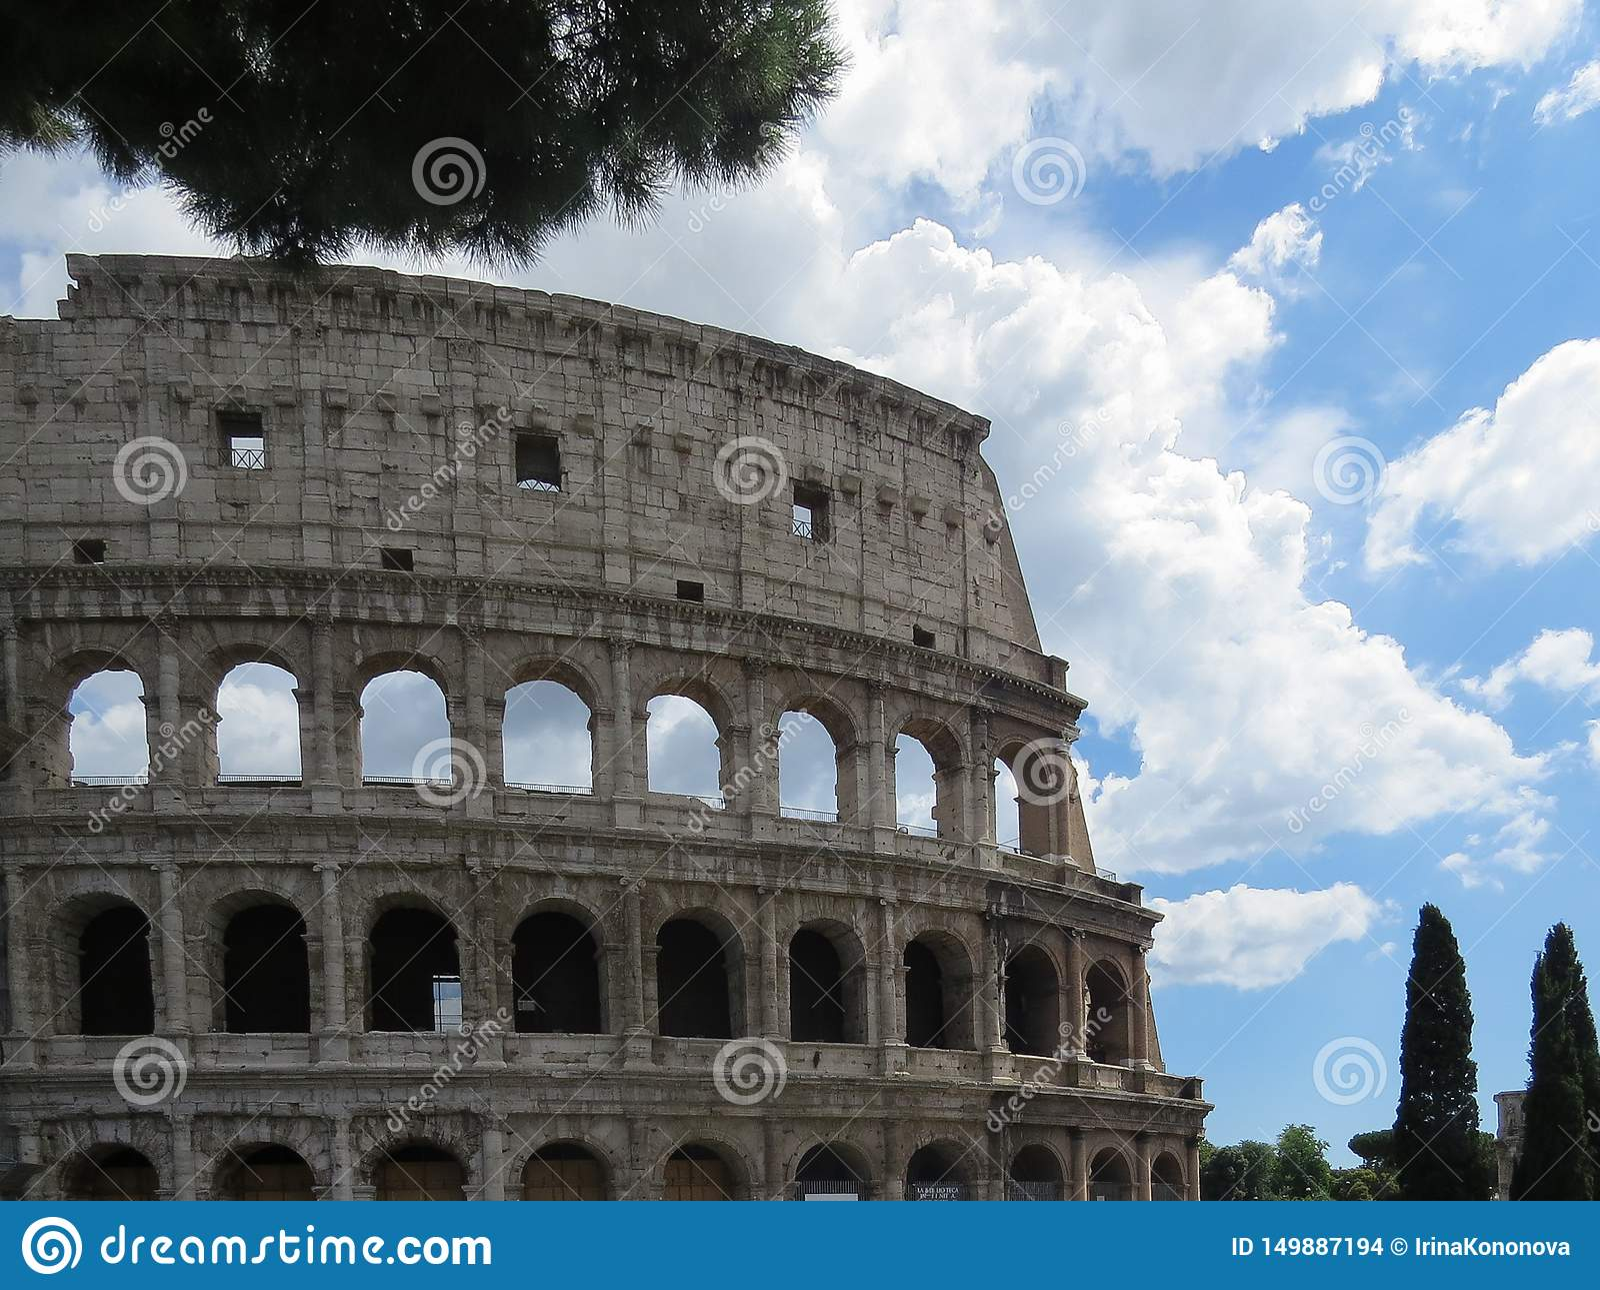 Vista detalhada da parede exterior do Colosseum em Roma contra um céu nebuloso azul